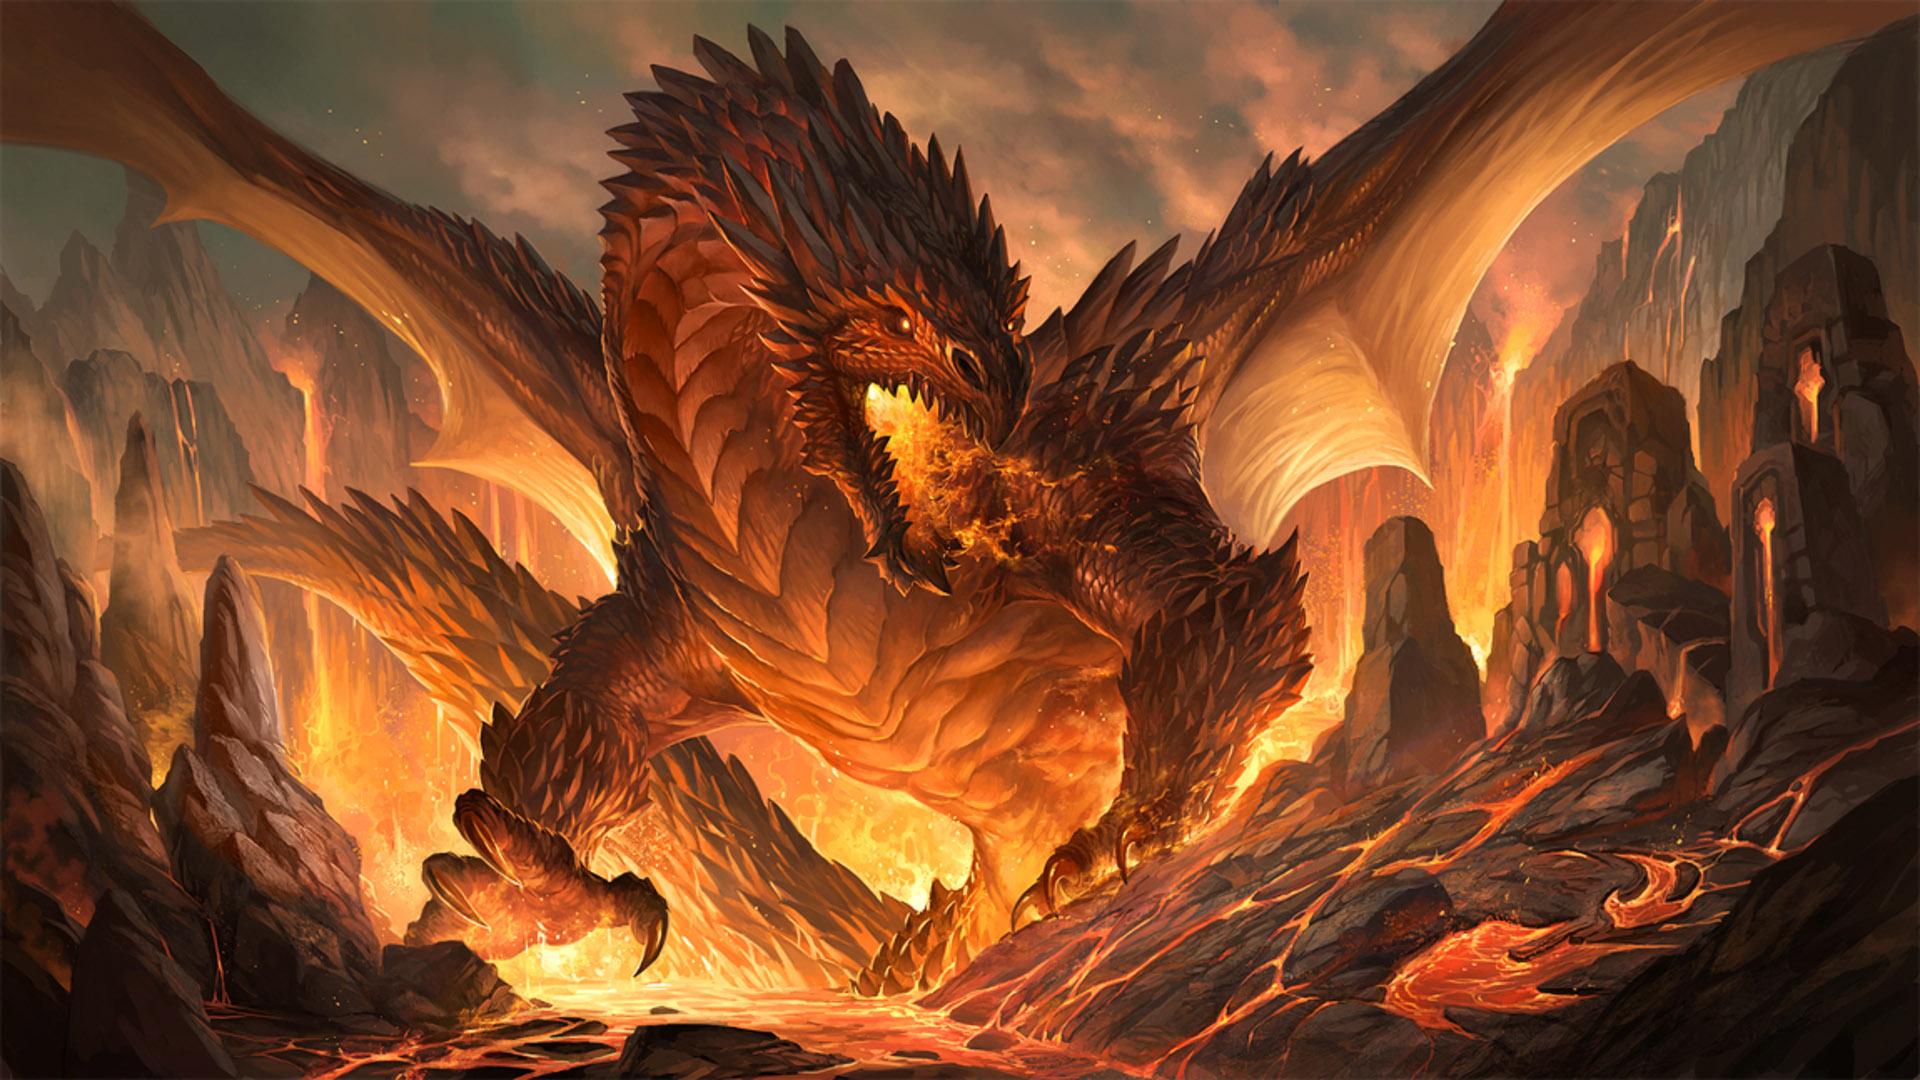 своей простоте дракон картинки высокое разрешение подумала вот